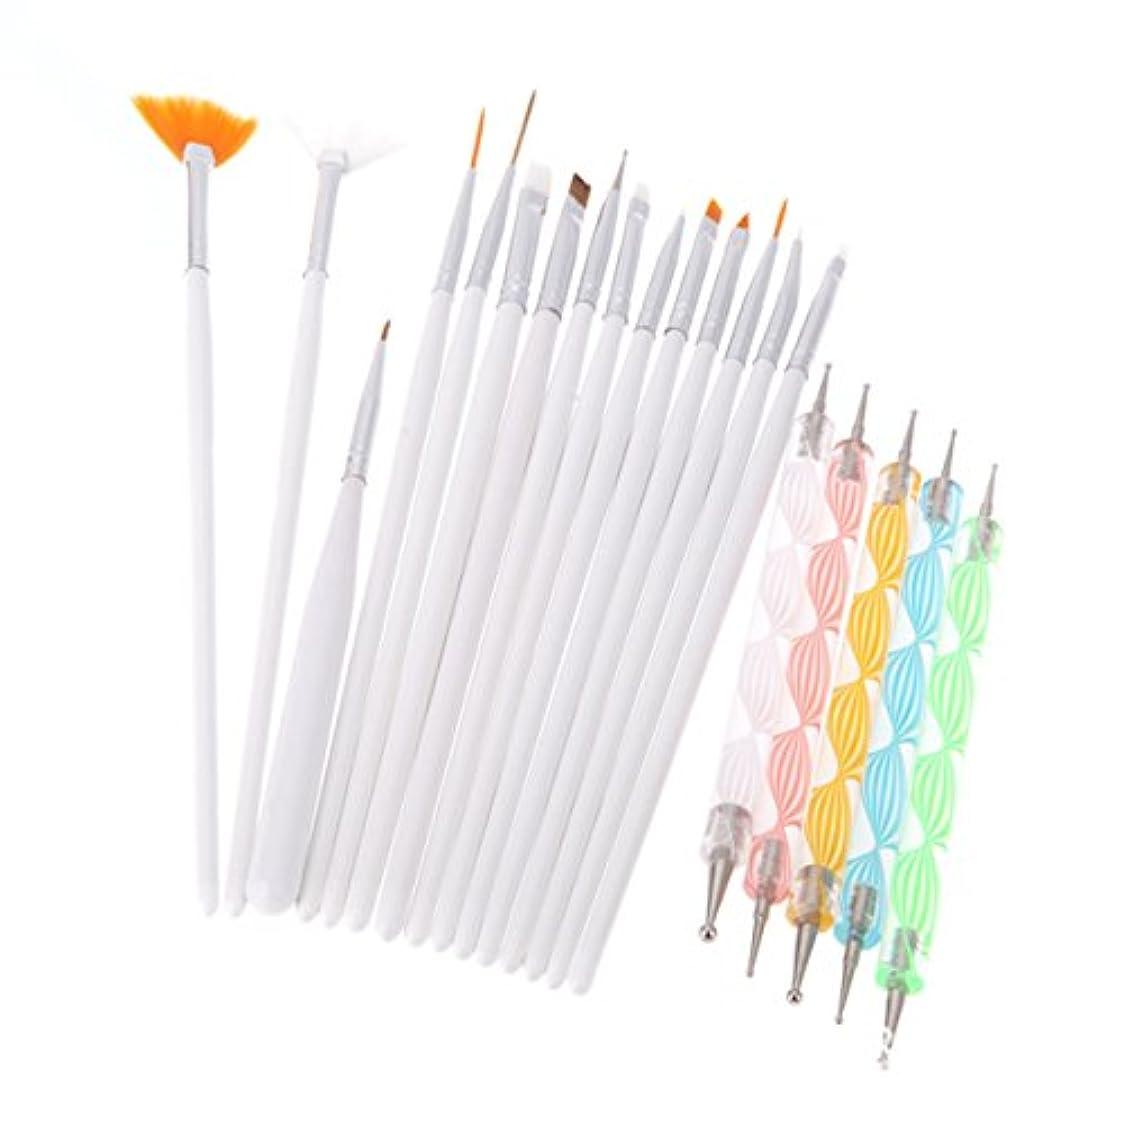 魔術師炎上申し立てBEE&BLUE ブラシ ネイルブラシ ネイルデザインペン ファション オシャレ ペン 美人 ホワイト